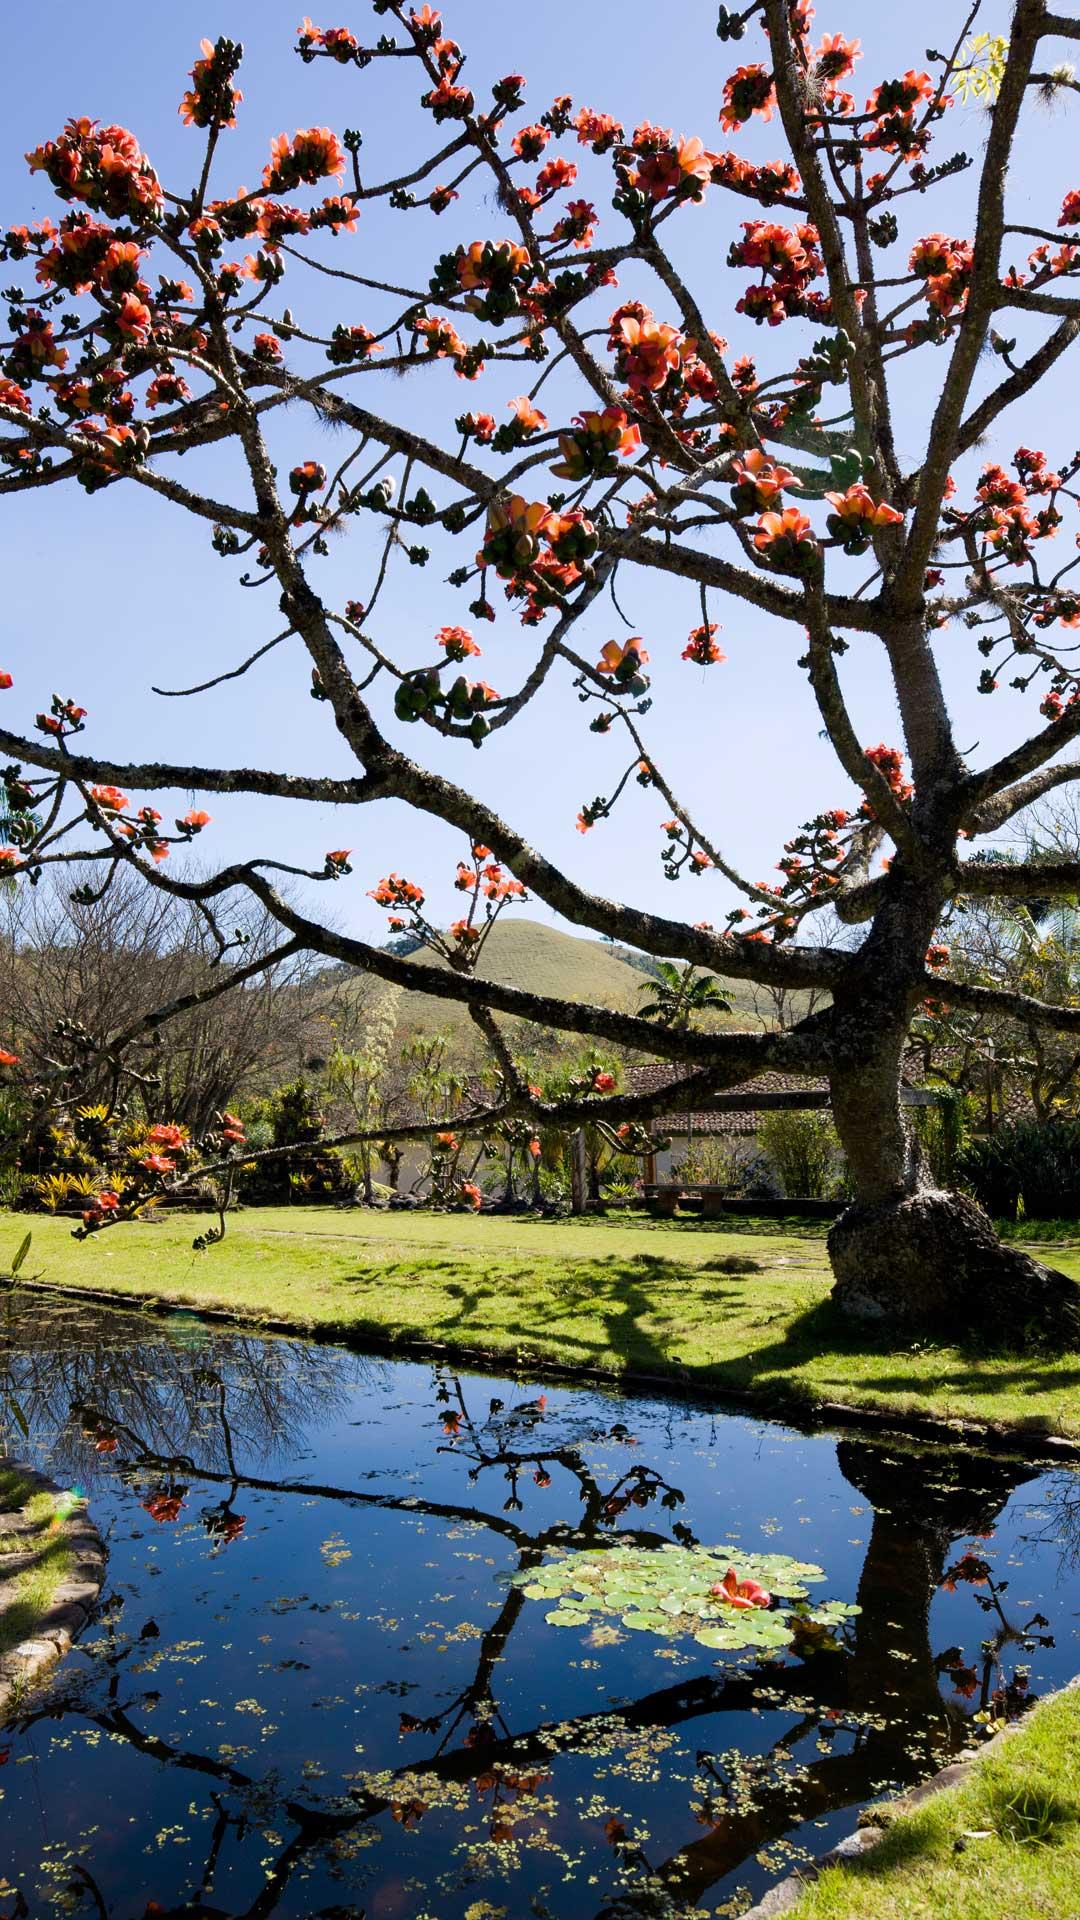 Fotografia de Filippo Bamberghi Fazenda Vargem Grande - Jardim Roberto Burle Marx - Areias/SP